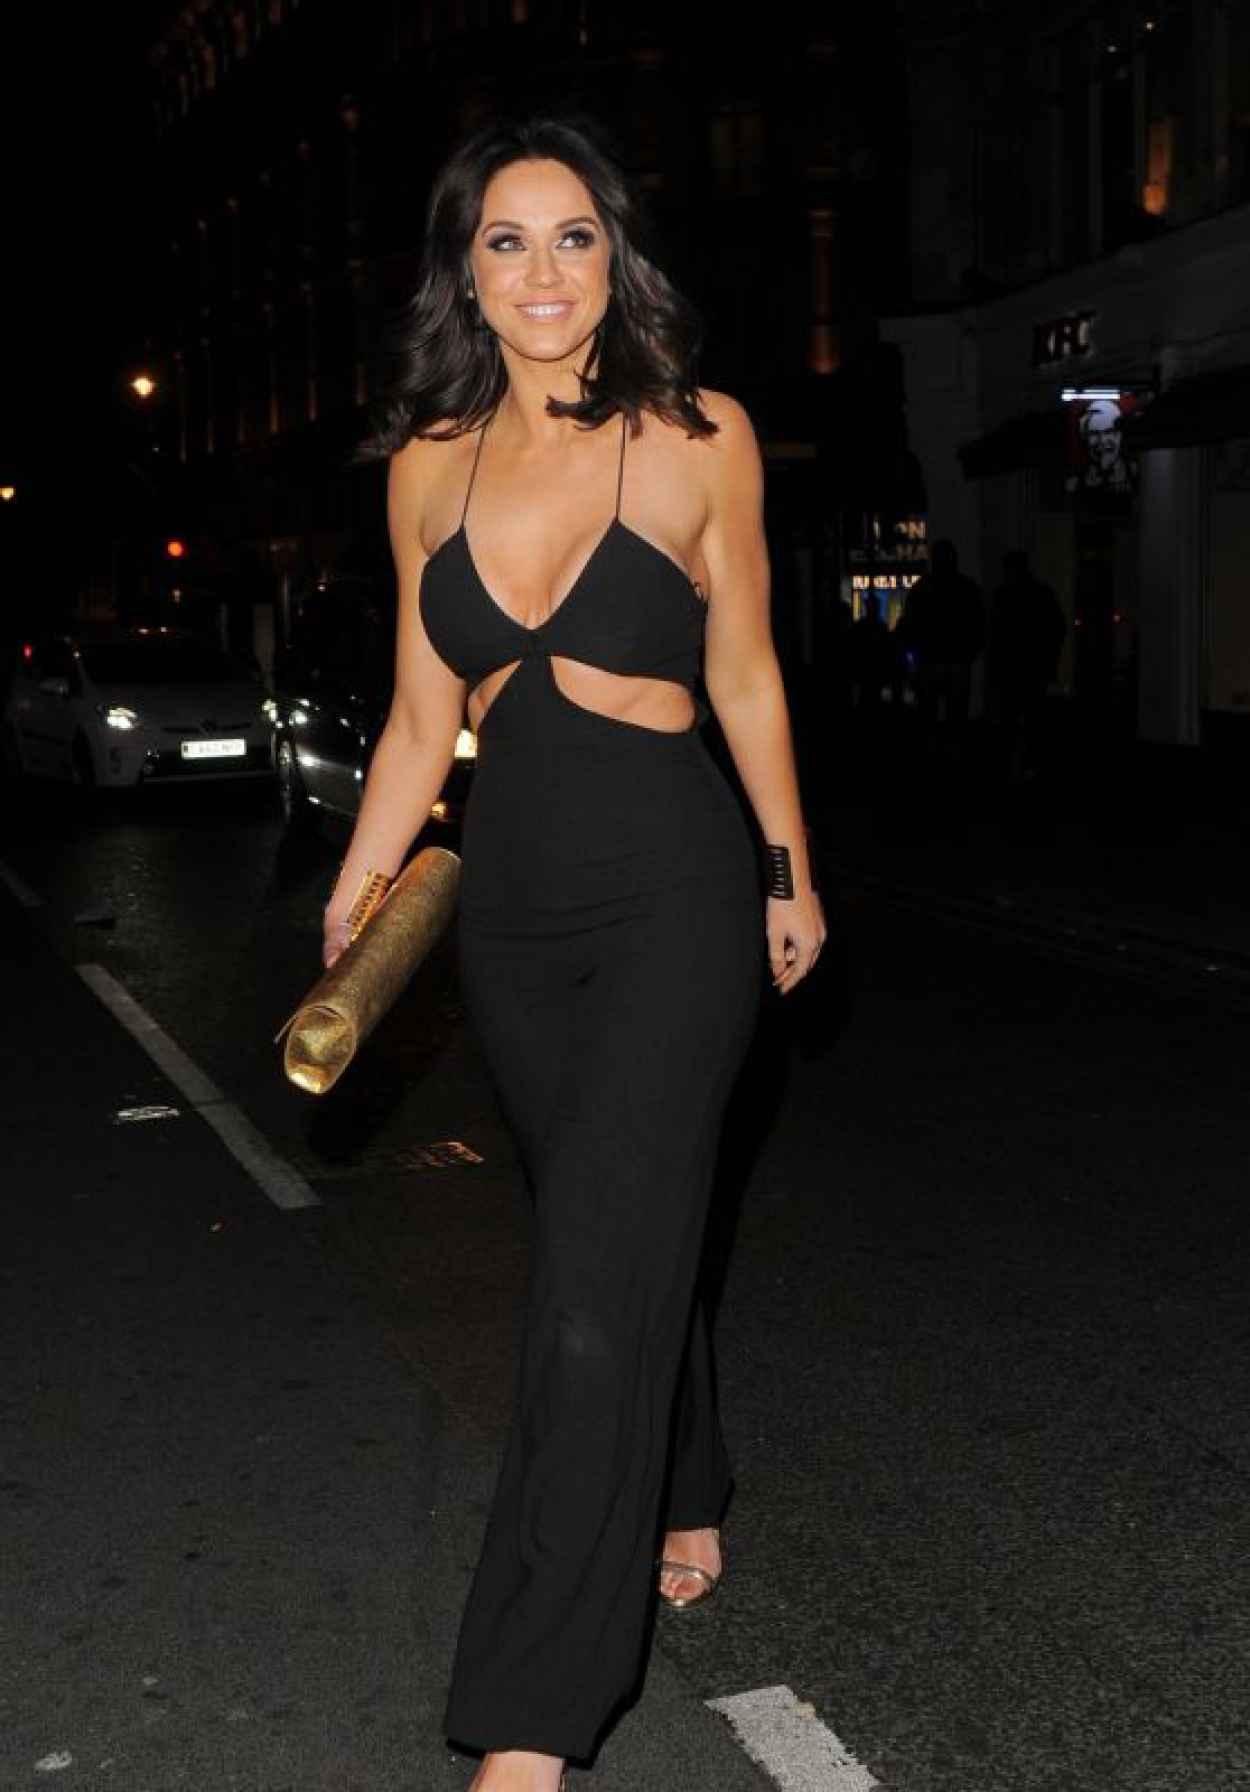 Vicky Pattison Night Out Style - London, April 2015-1